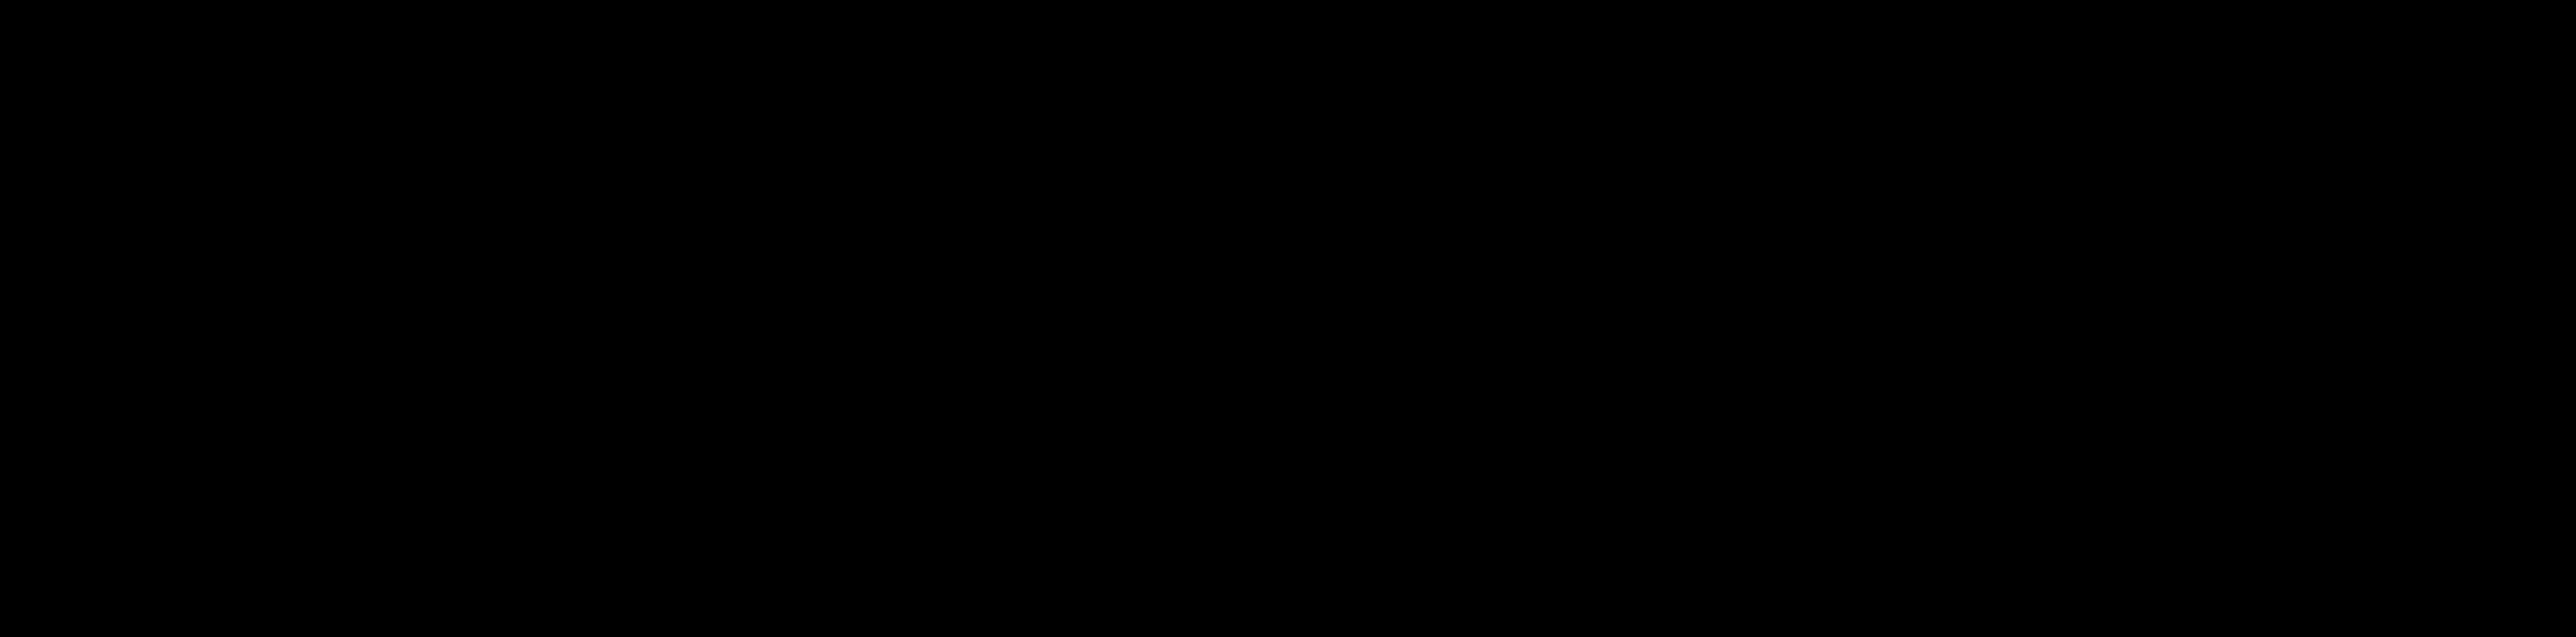 CesiumAstro